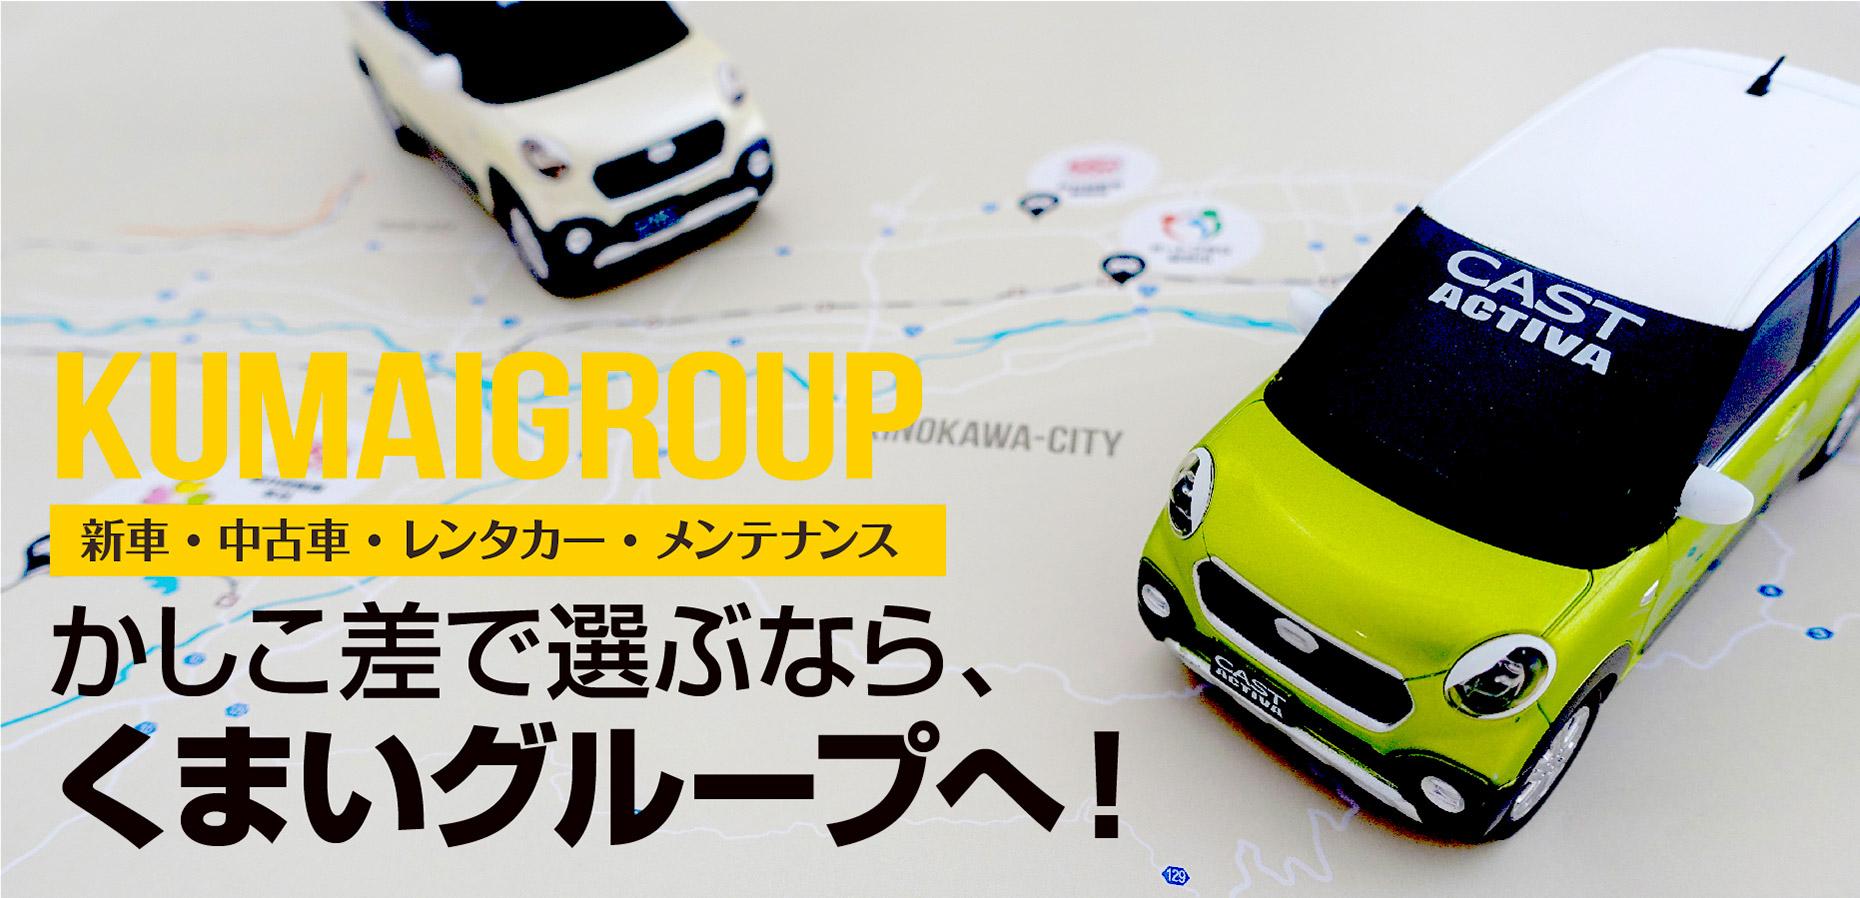 新車・中古車、車のメンテナンス先をお探しなら、和歌山県紀の川市の「熊井自動車グループ」にお任せください!!